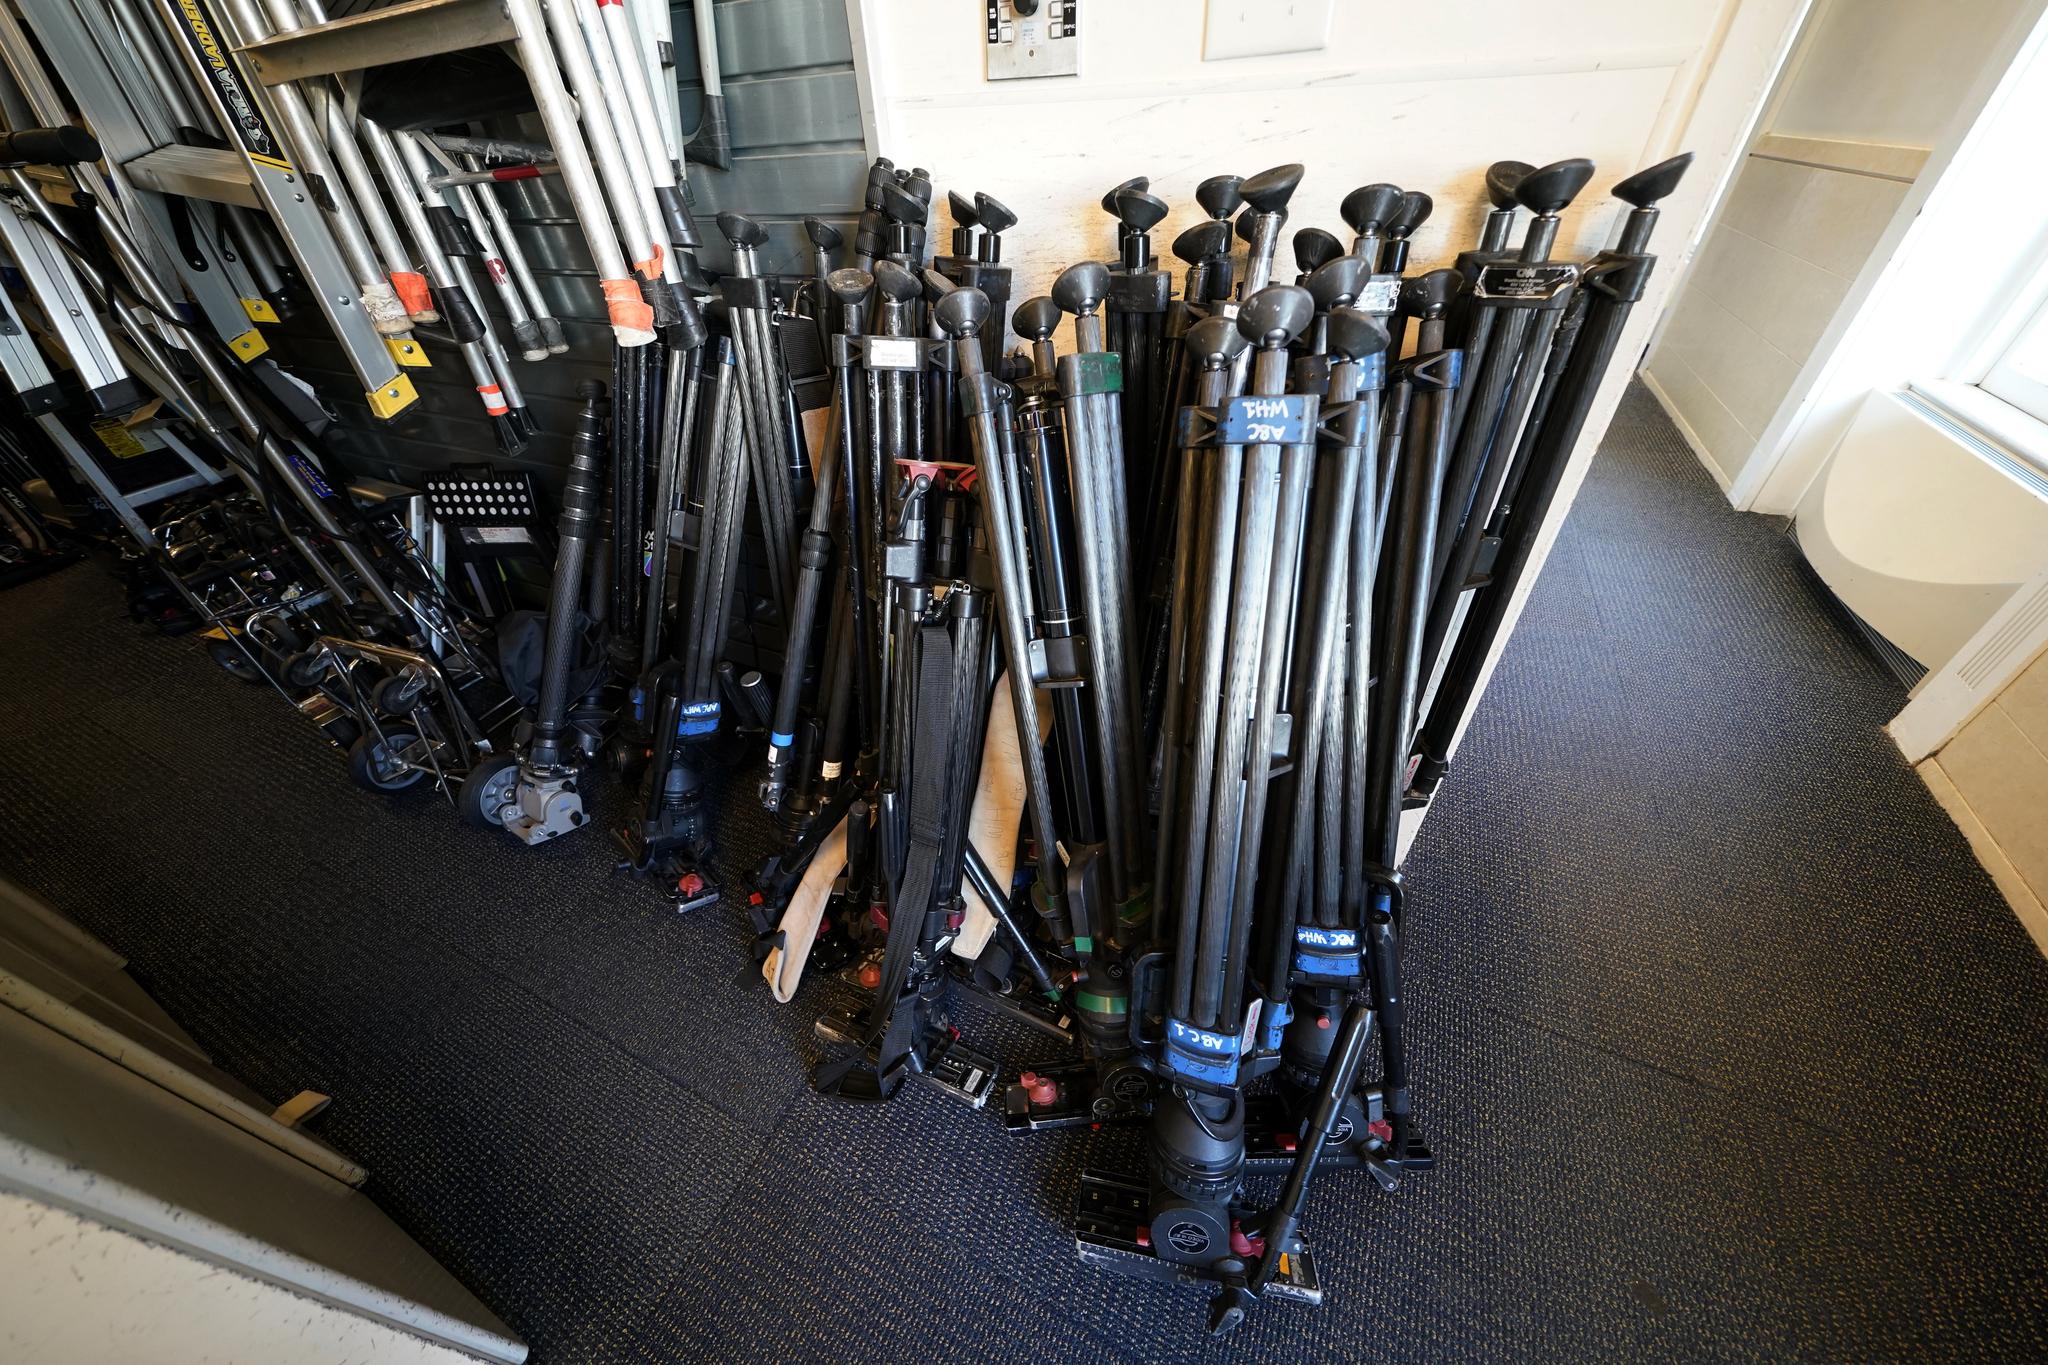 방송용 카메라 삼각대가 19일 백악관 기자실에 접힌 채 보관돼 있다. AP=연합뉴스